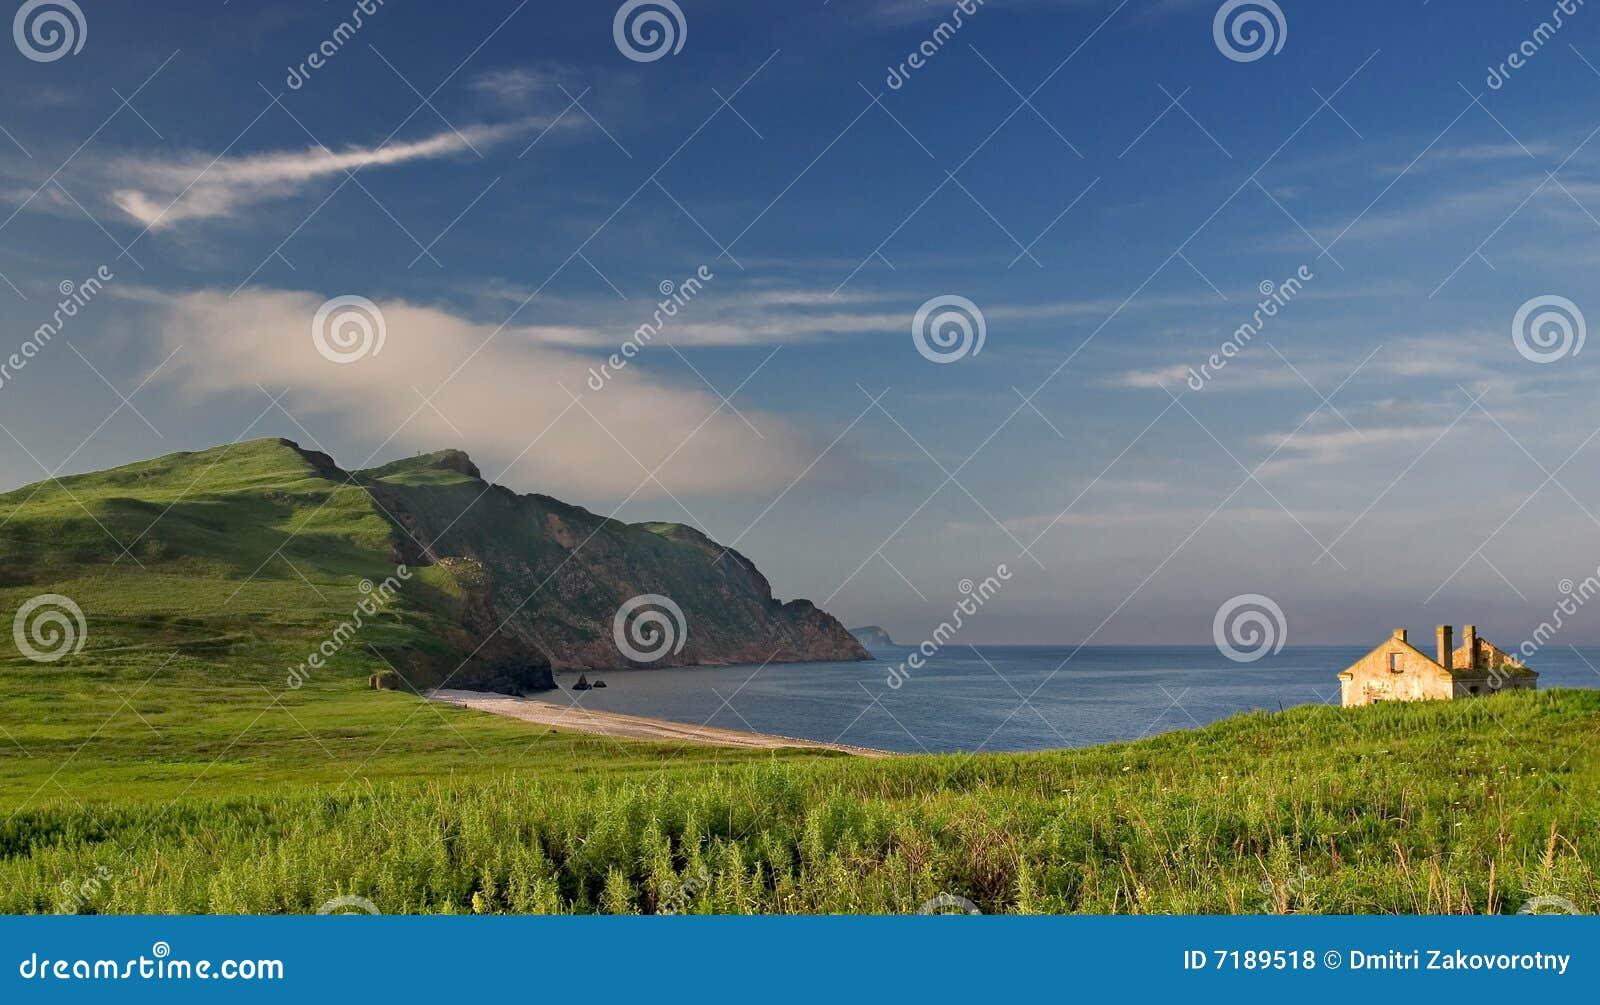 Θάλασσα της Ιαπωνίας. Φθινόπωρο. Μεγάλο Pelis isl.